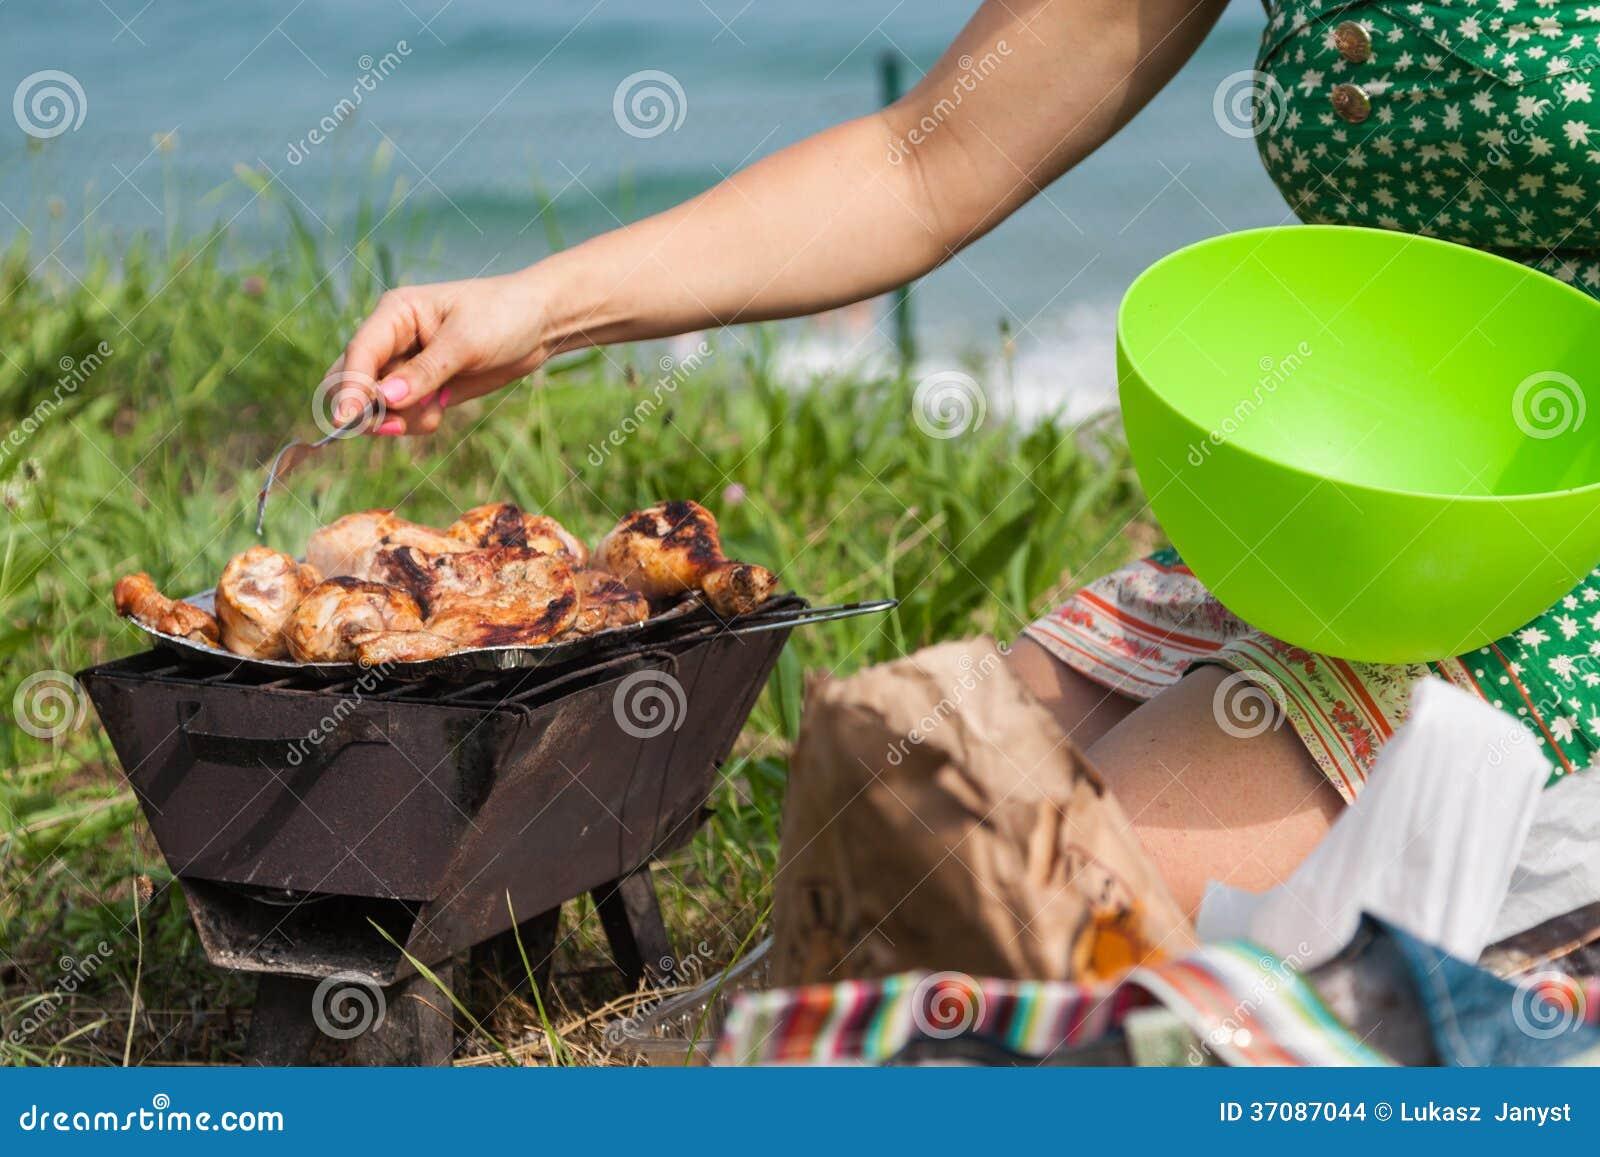 Download Piec Na Grillu Kurczaków Uda Na Płomiennym Grillu. Zdjęcie Stock - Obraz złożonej z gorący, 1: 37087044